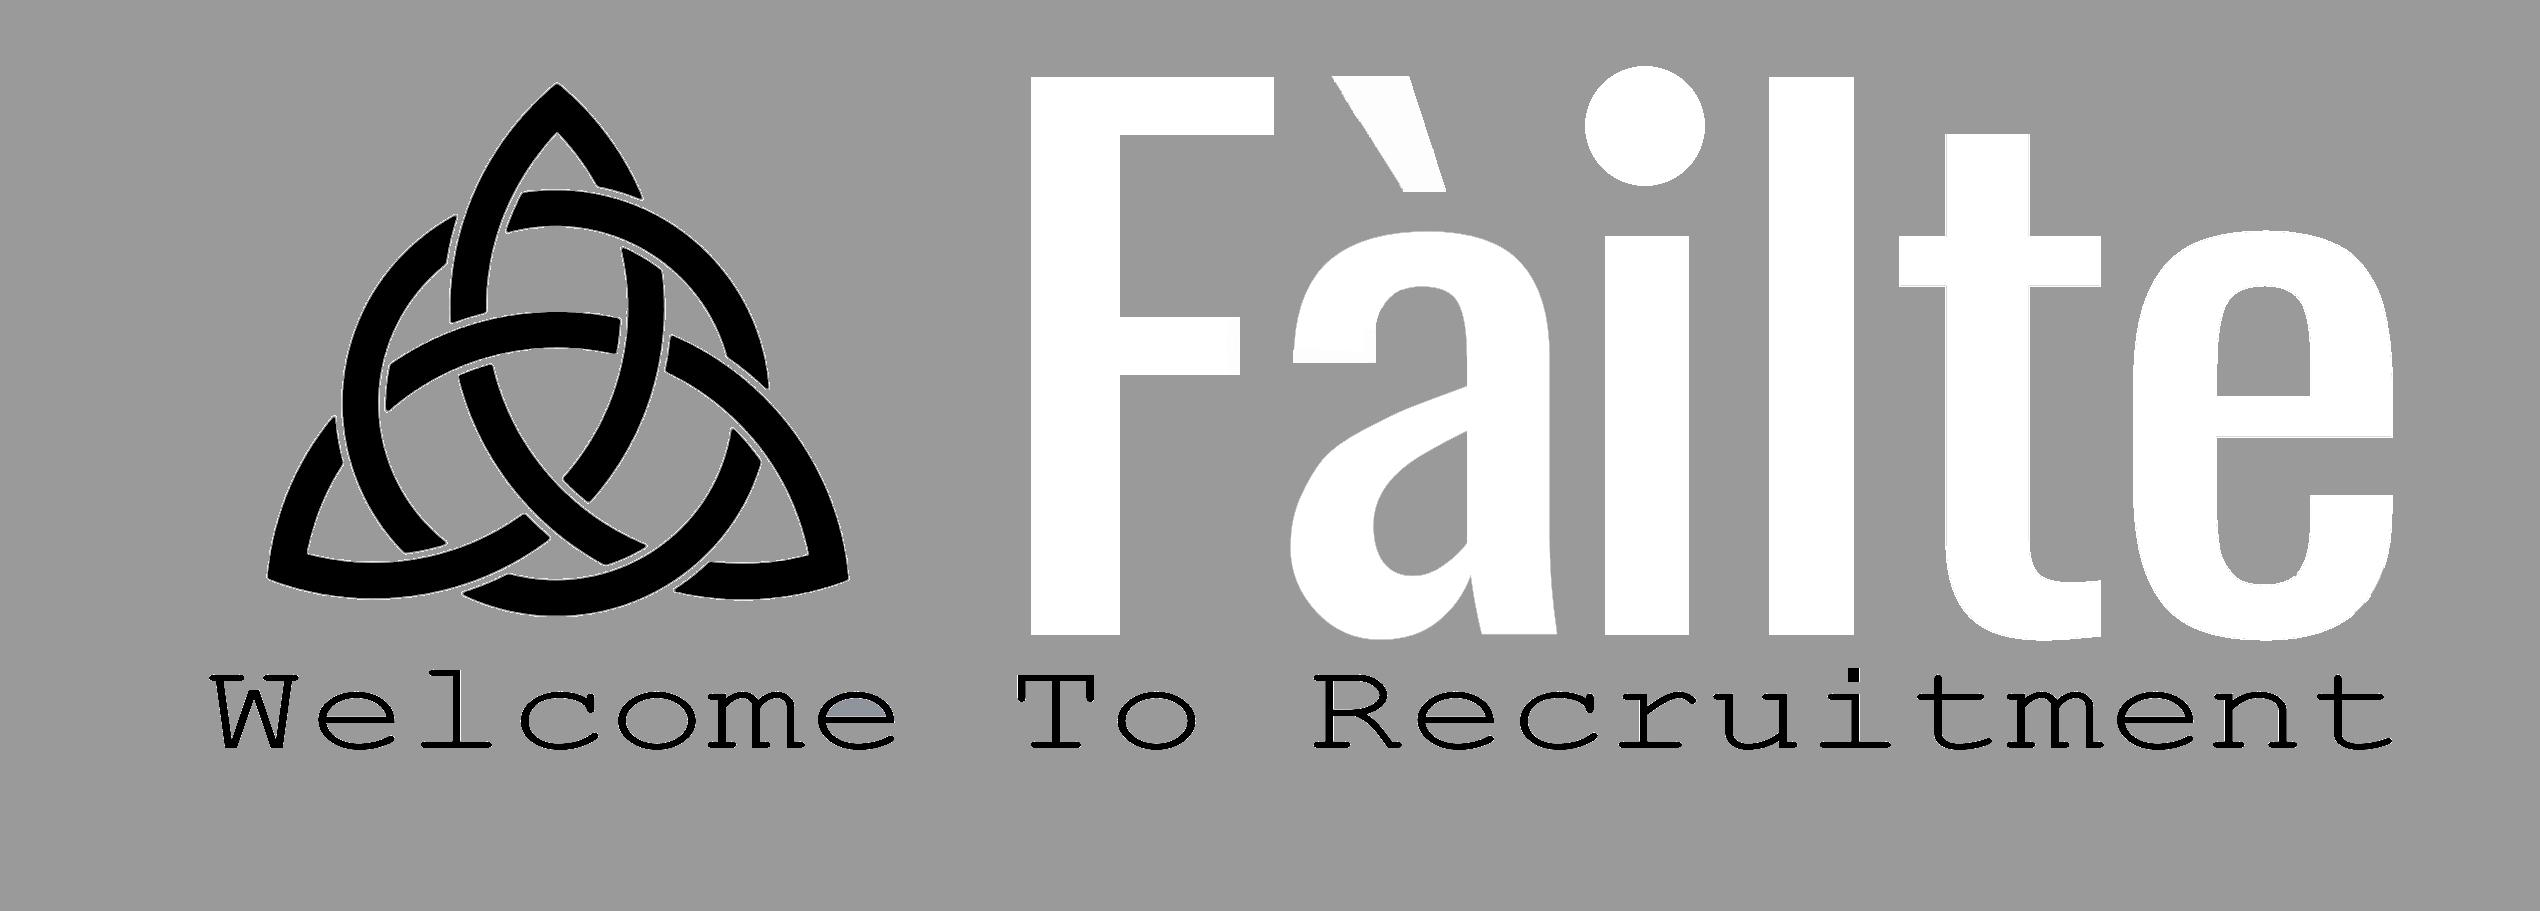 Failte Recruitment - Paisley, Renfrewshire PA1 1HA - 07842 574588 | ShowMeLocal.com